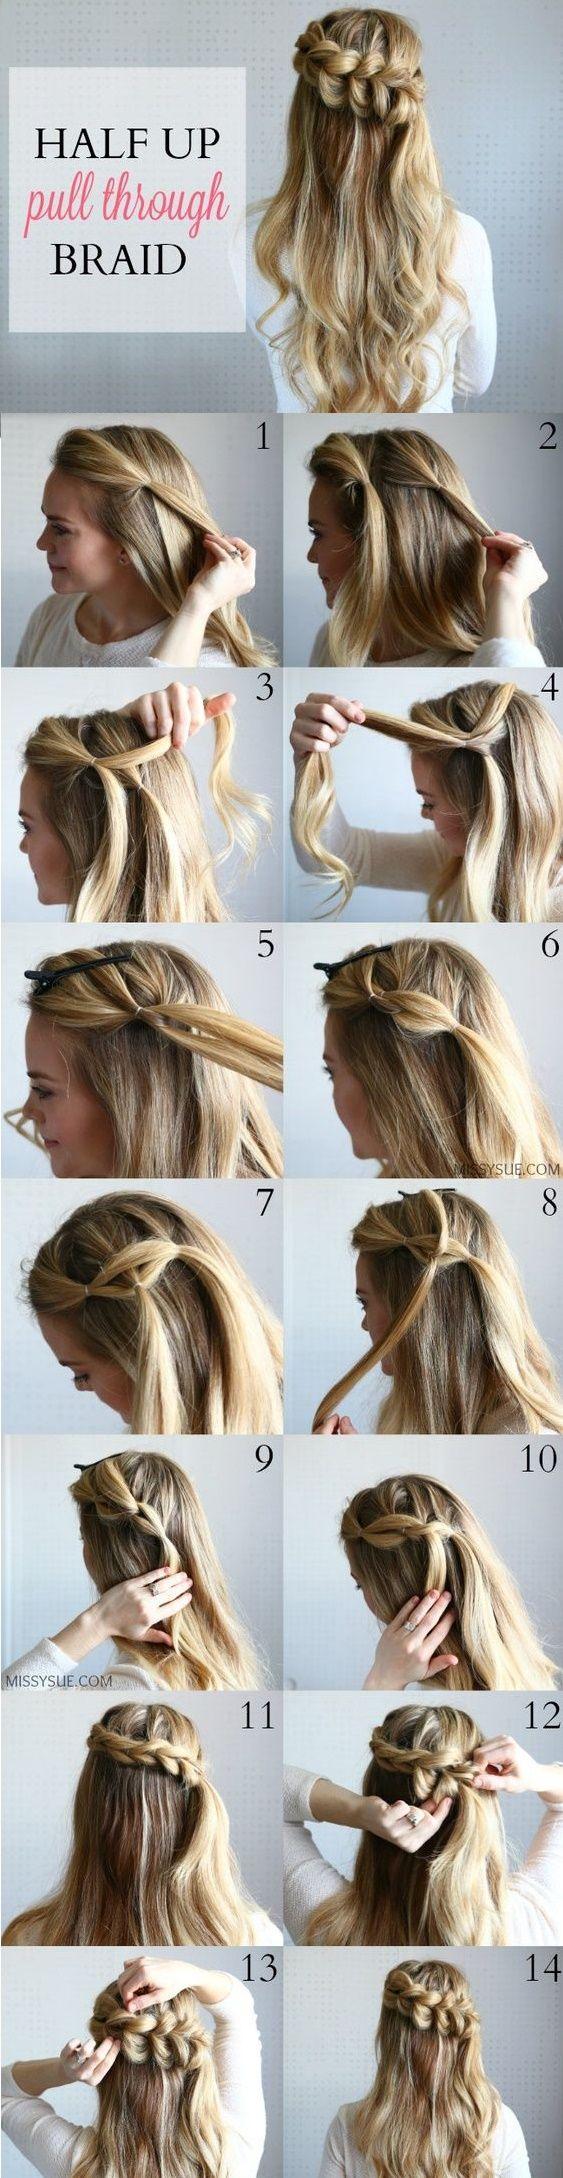 Tutoriales peinados para damas e invitadas el blog de - Tutorial de peinados ...